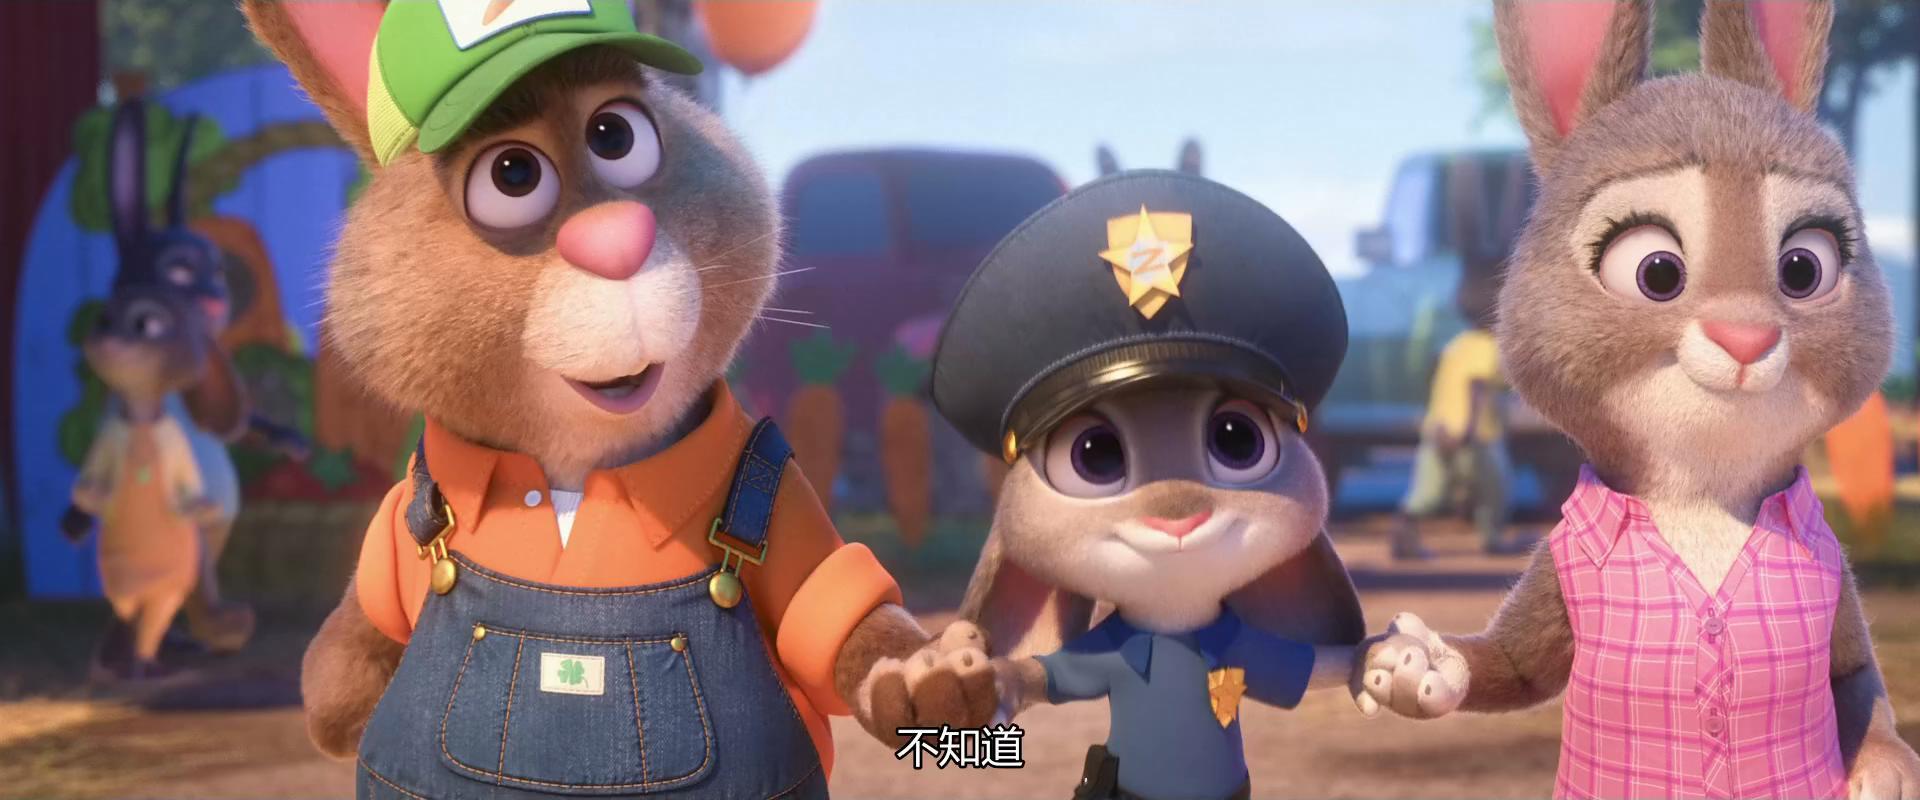 《疯狂动物城》英语中字1080p